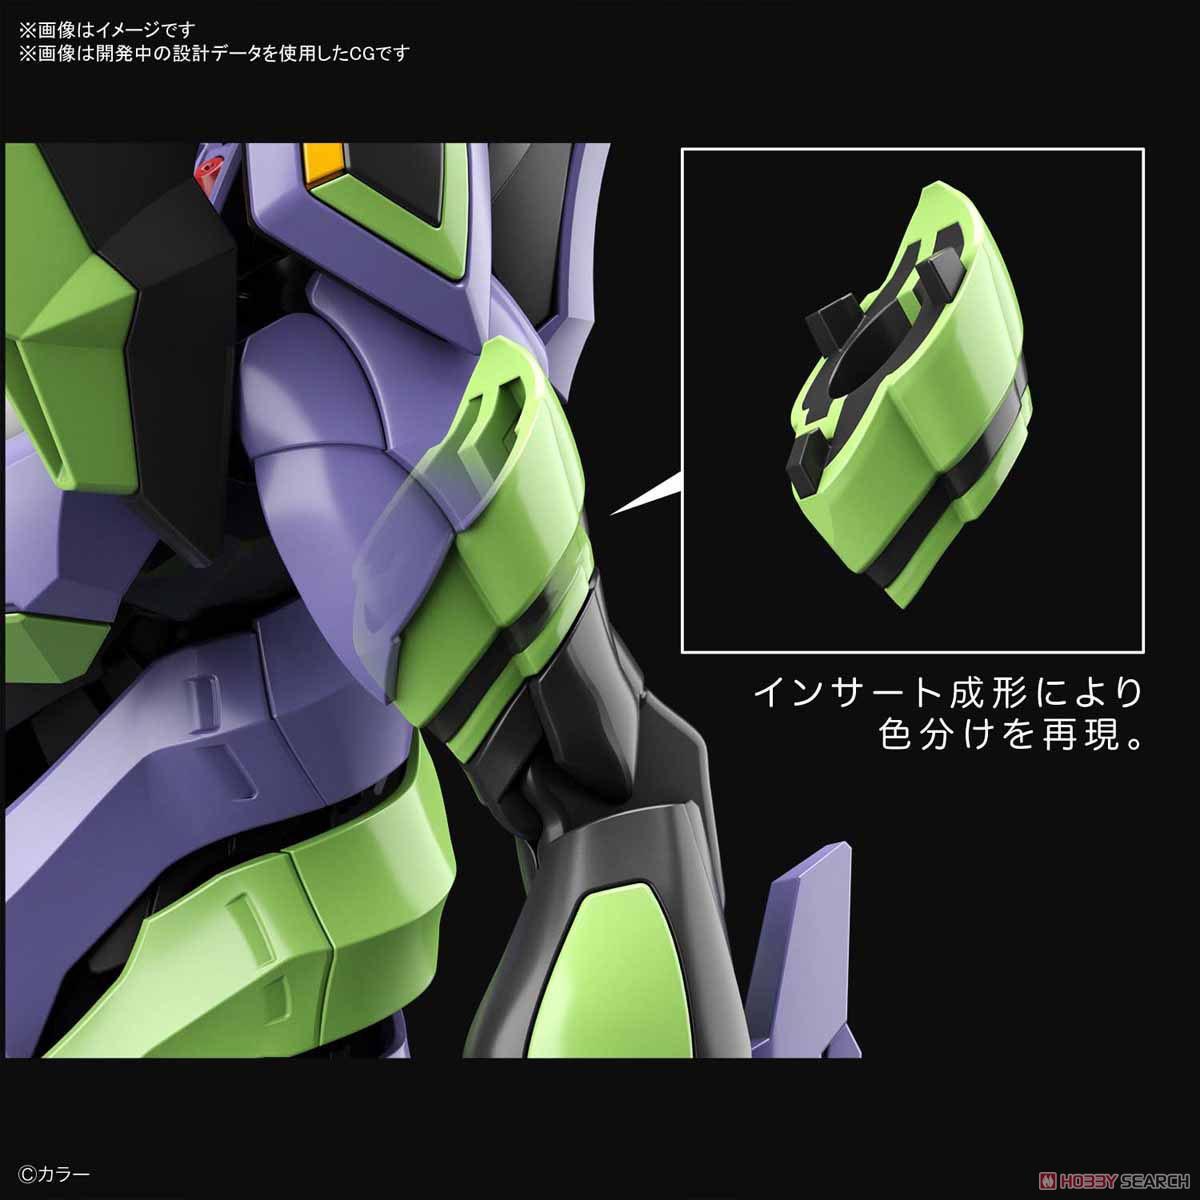 【8月再販】RG『汎用ヒト型決戦兵器 人造人間エヴァンゲリオン初号機』プラモデル-029